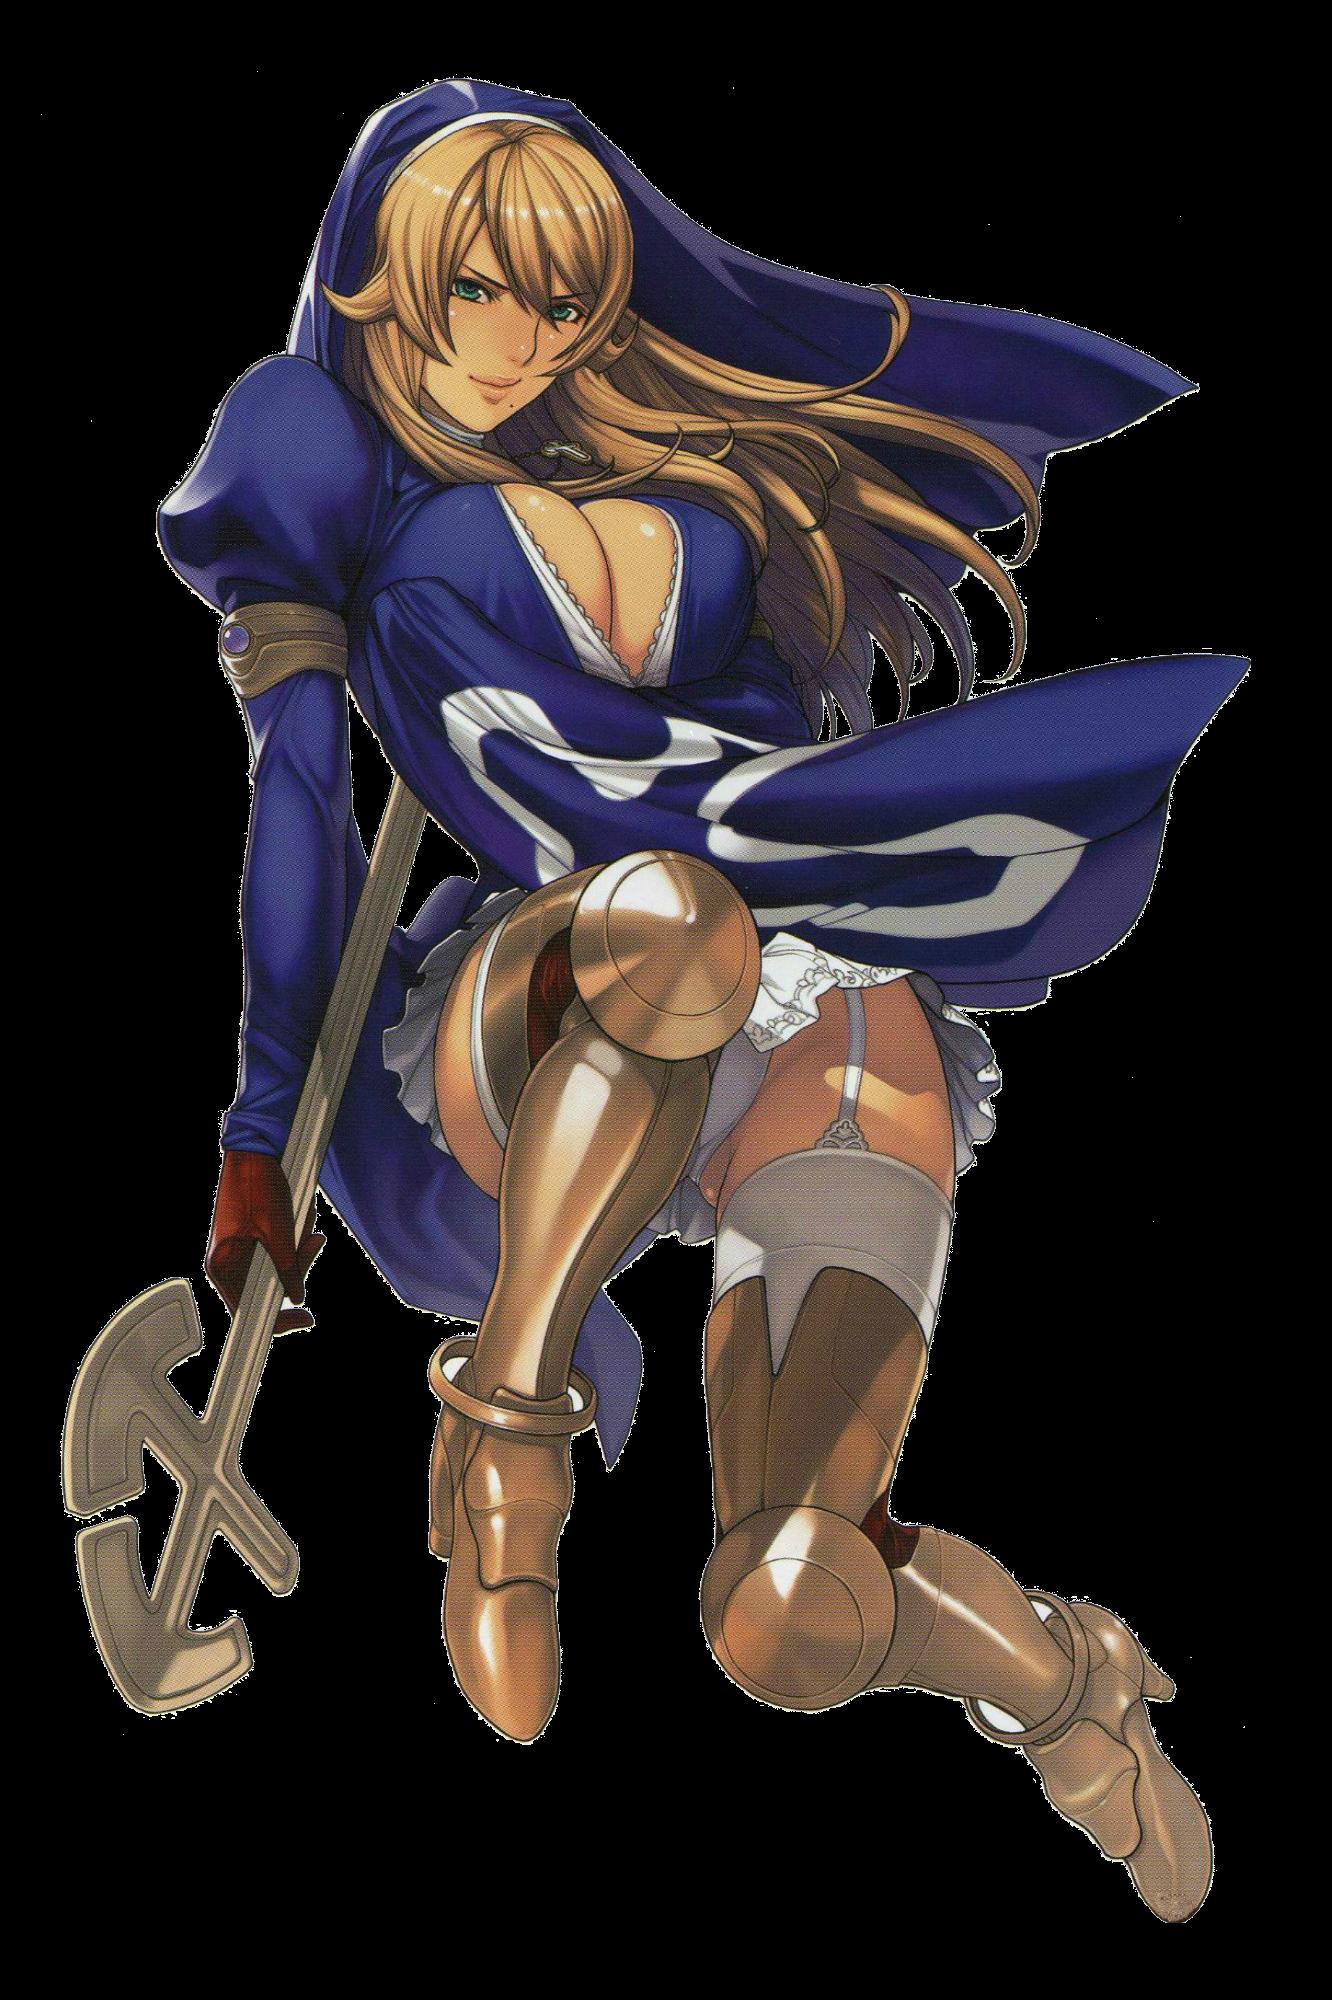 blade rebellion s tentacle porn Queen